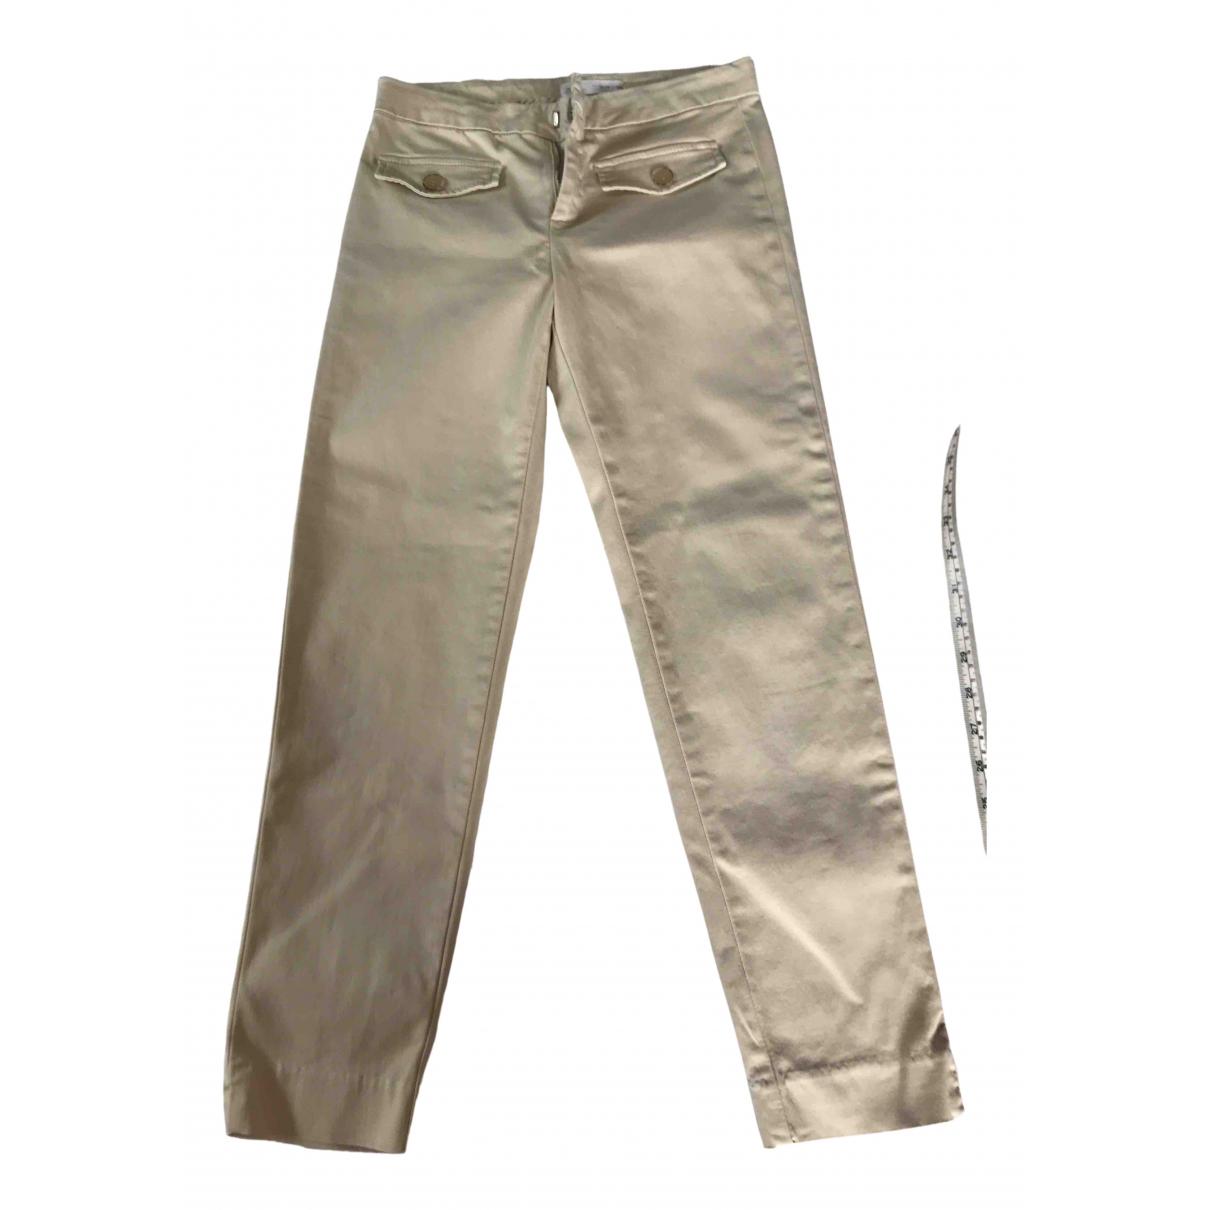 Zara N Beige Linen Trousers for Kids 14 years - S FR